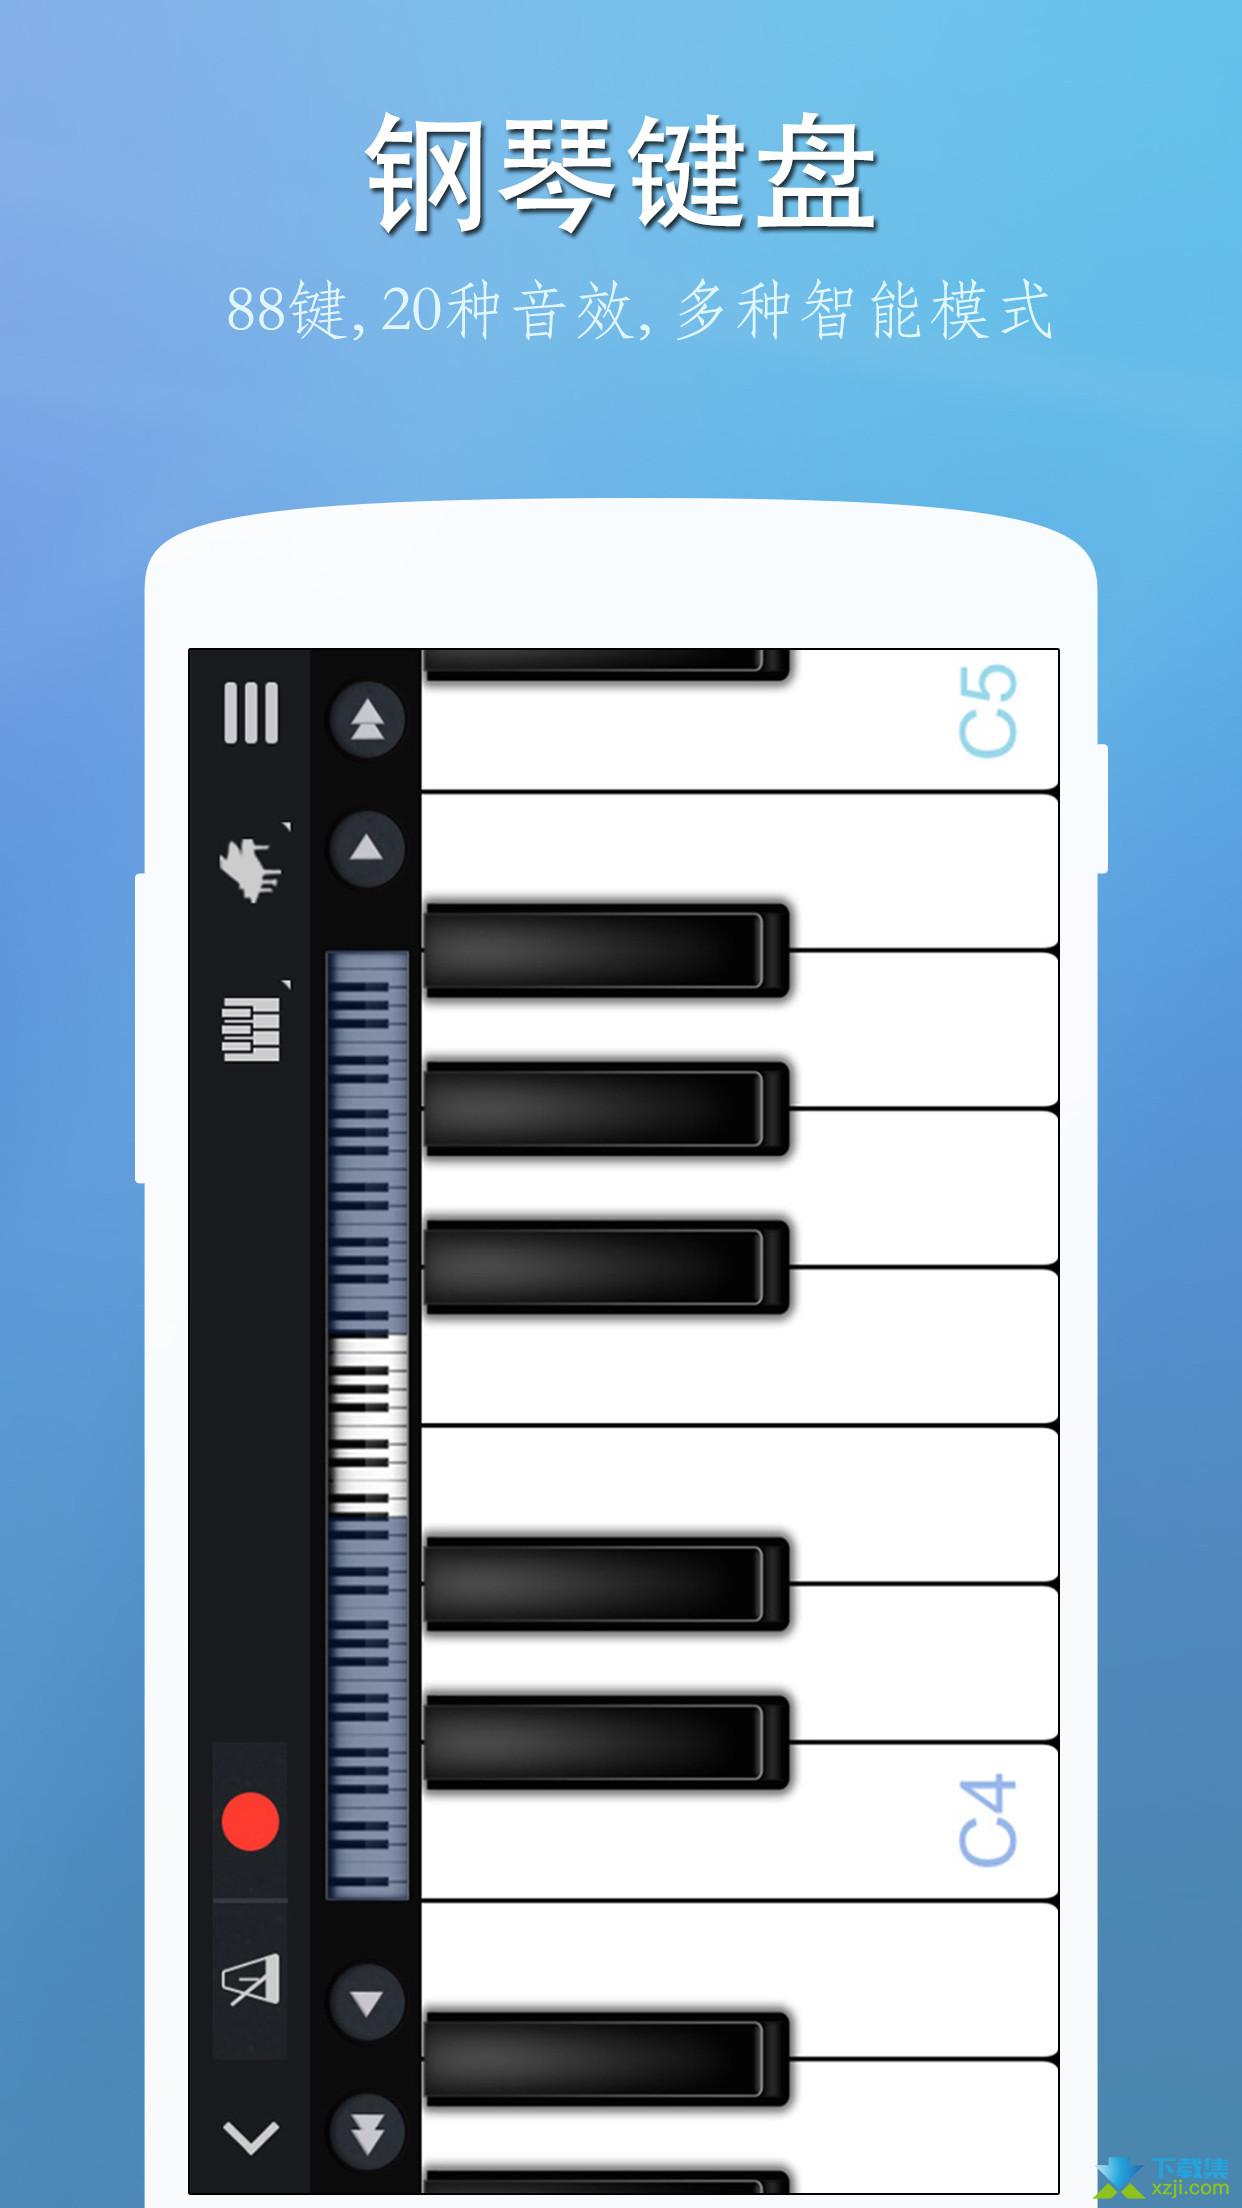 完美钢琴界面